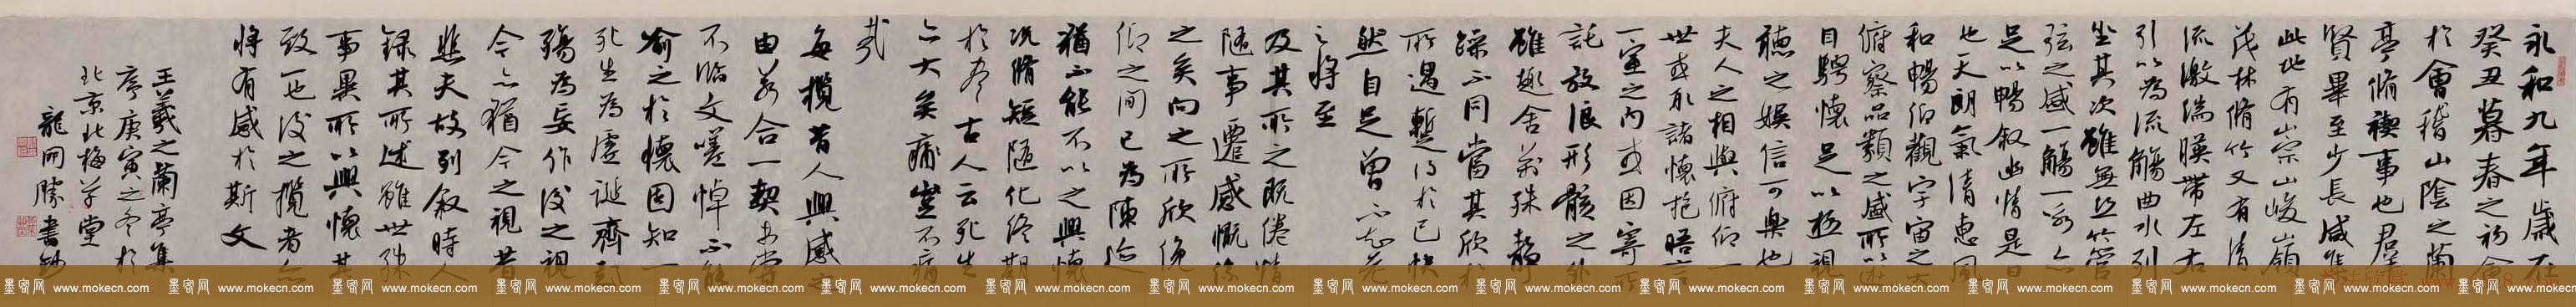 龙开胜行书欣赏王羲之兰亭集序卷